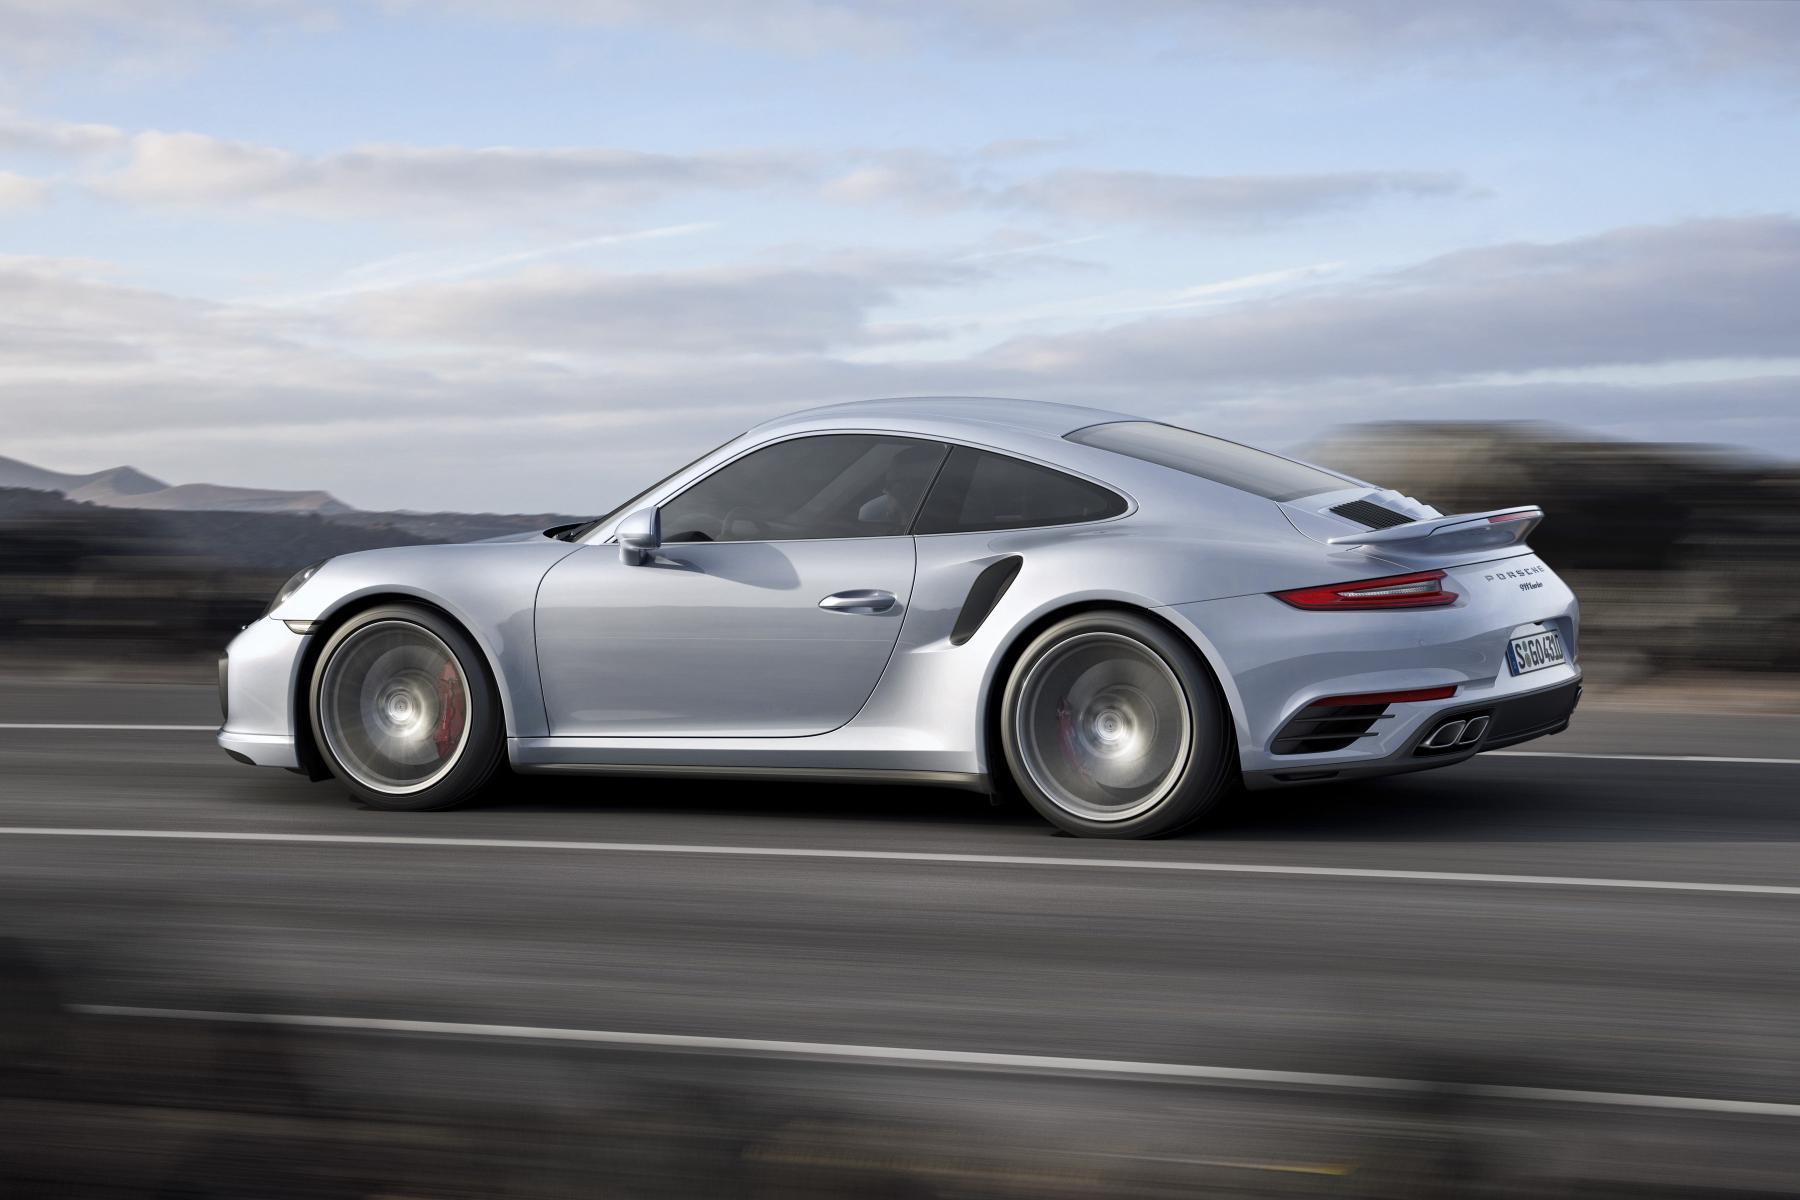 Nuova Porsche 911 Turbo e 911 Turbo S ecco i prezzi 1